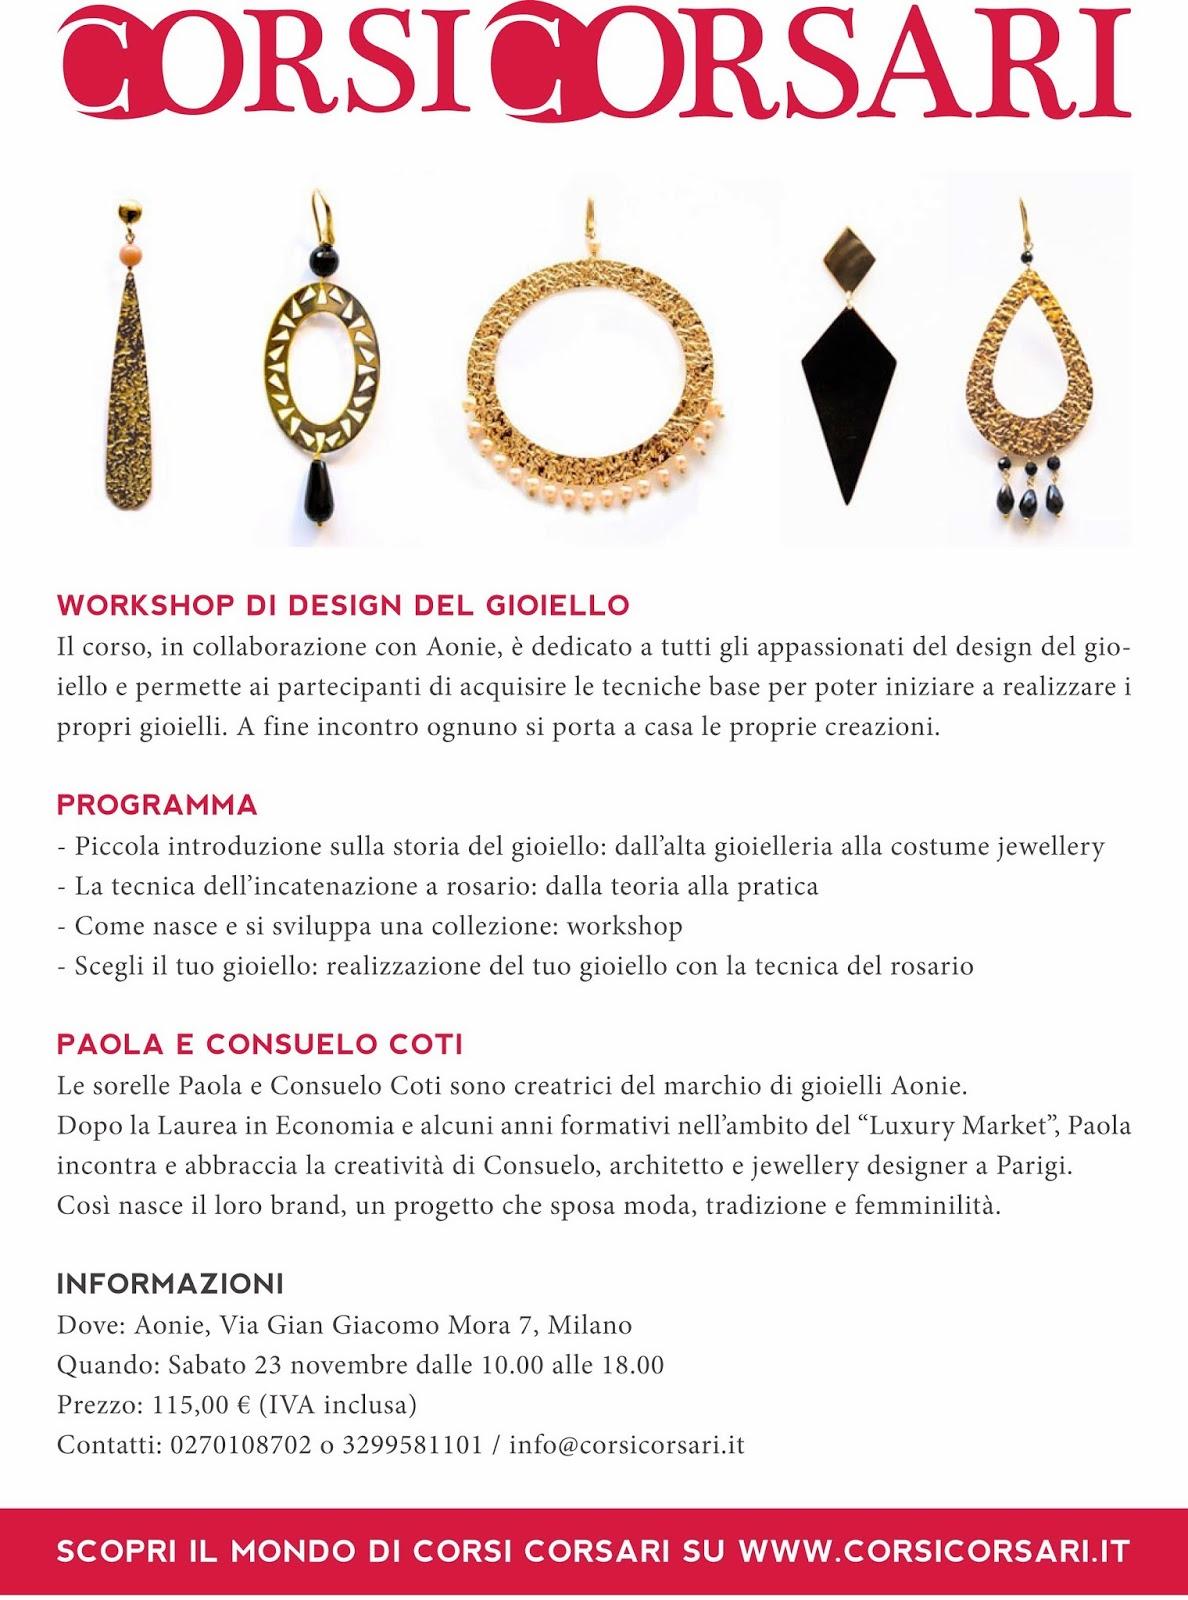 Aonie corsi corsari programma del workshop di design for Corso di design del gioiello